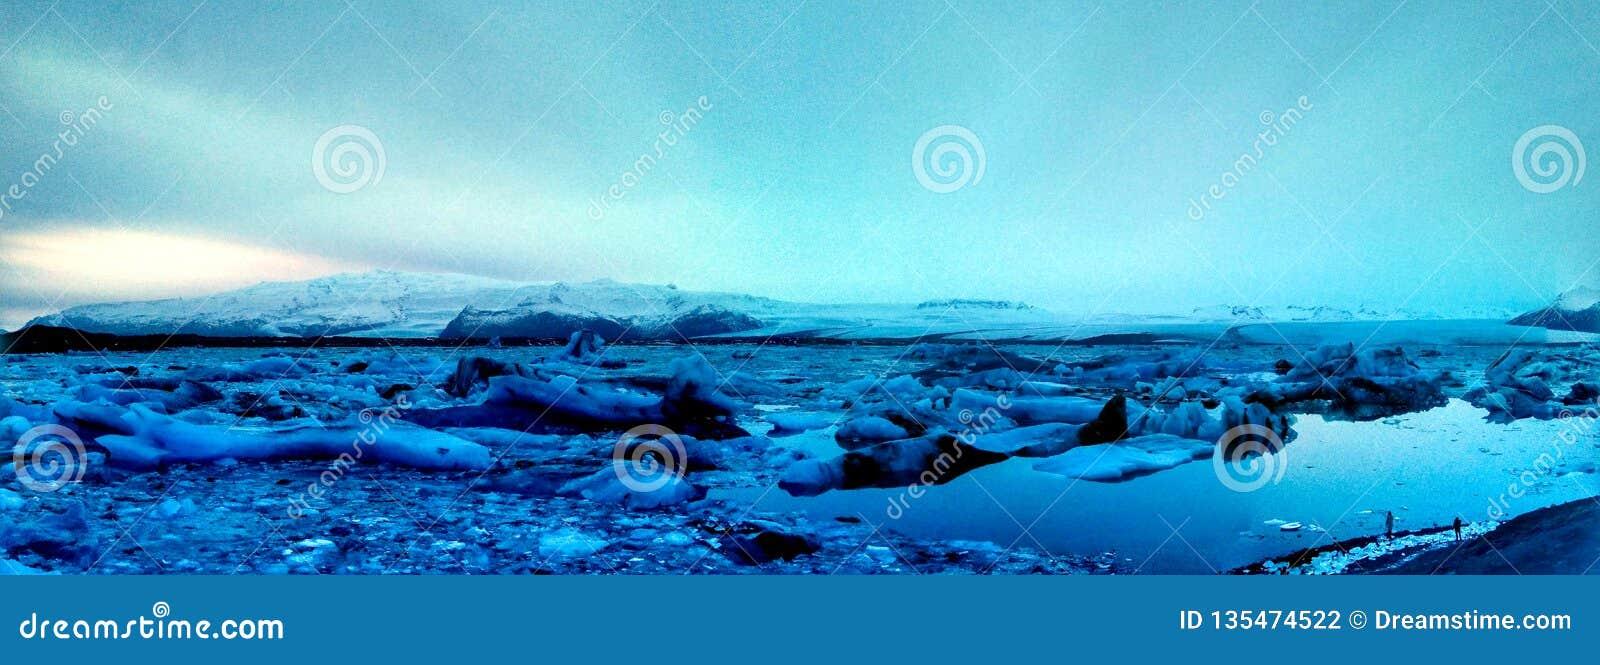 冰山航海者